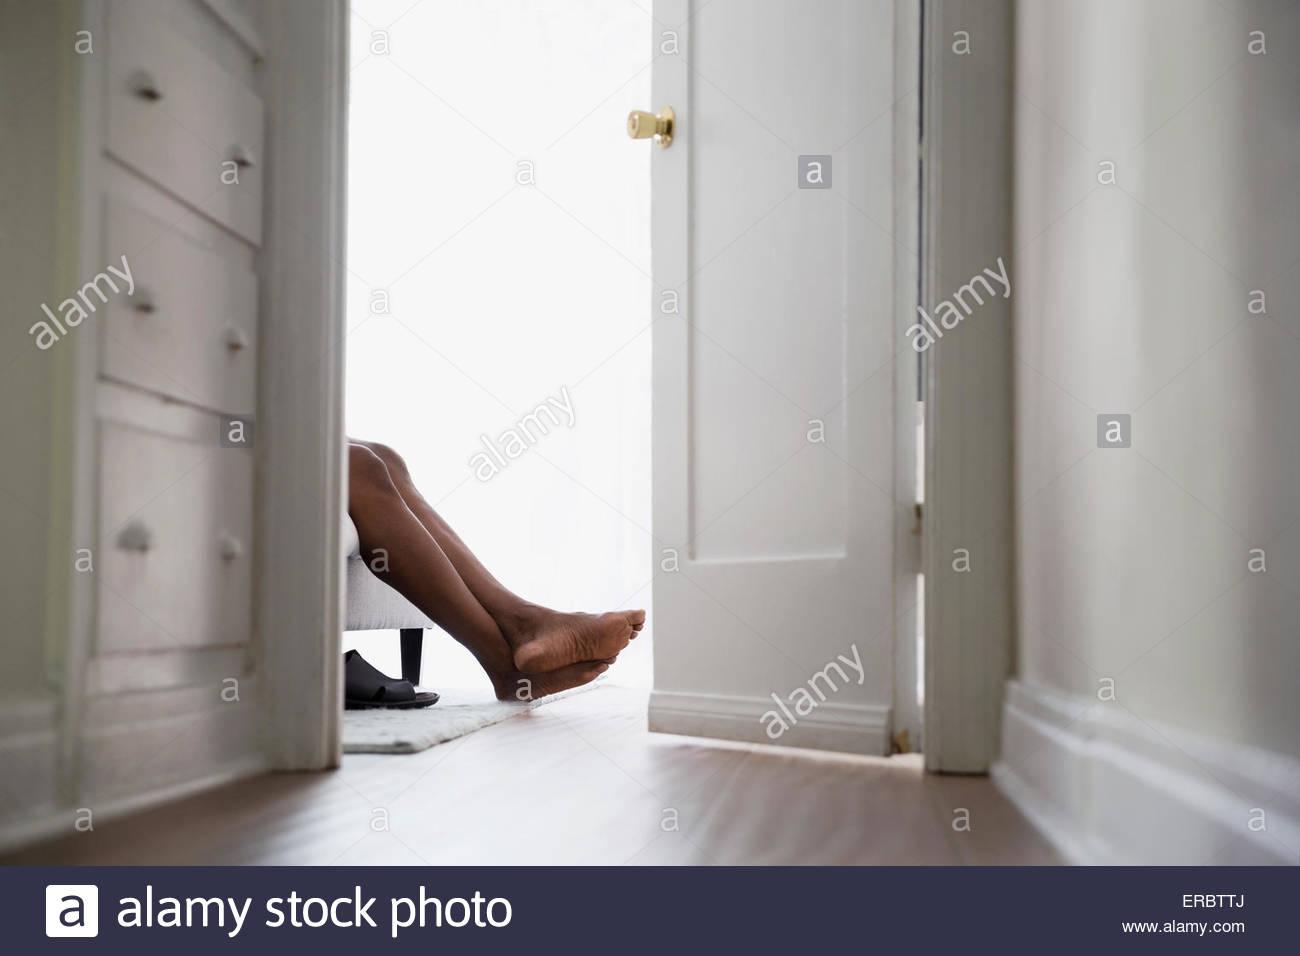 Bare feet of man in bedroom doorway - Stock Image